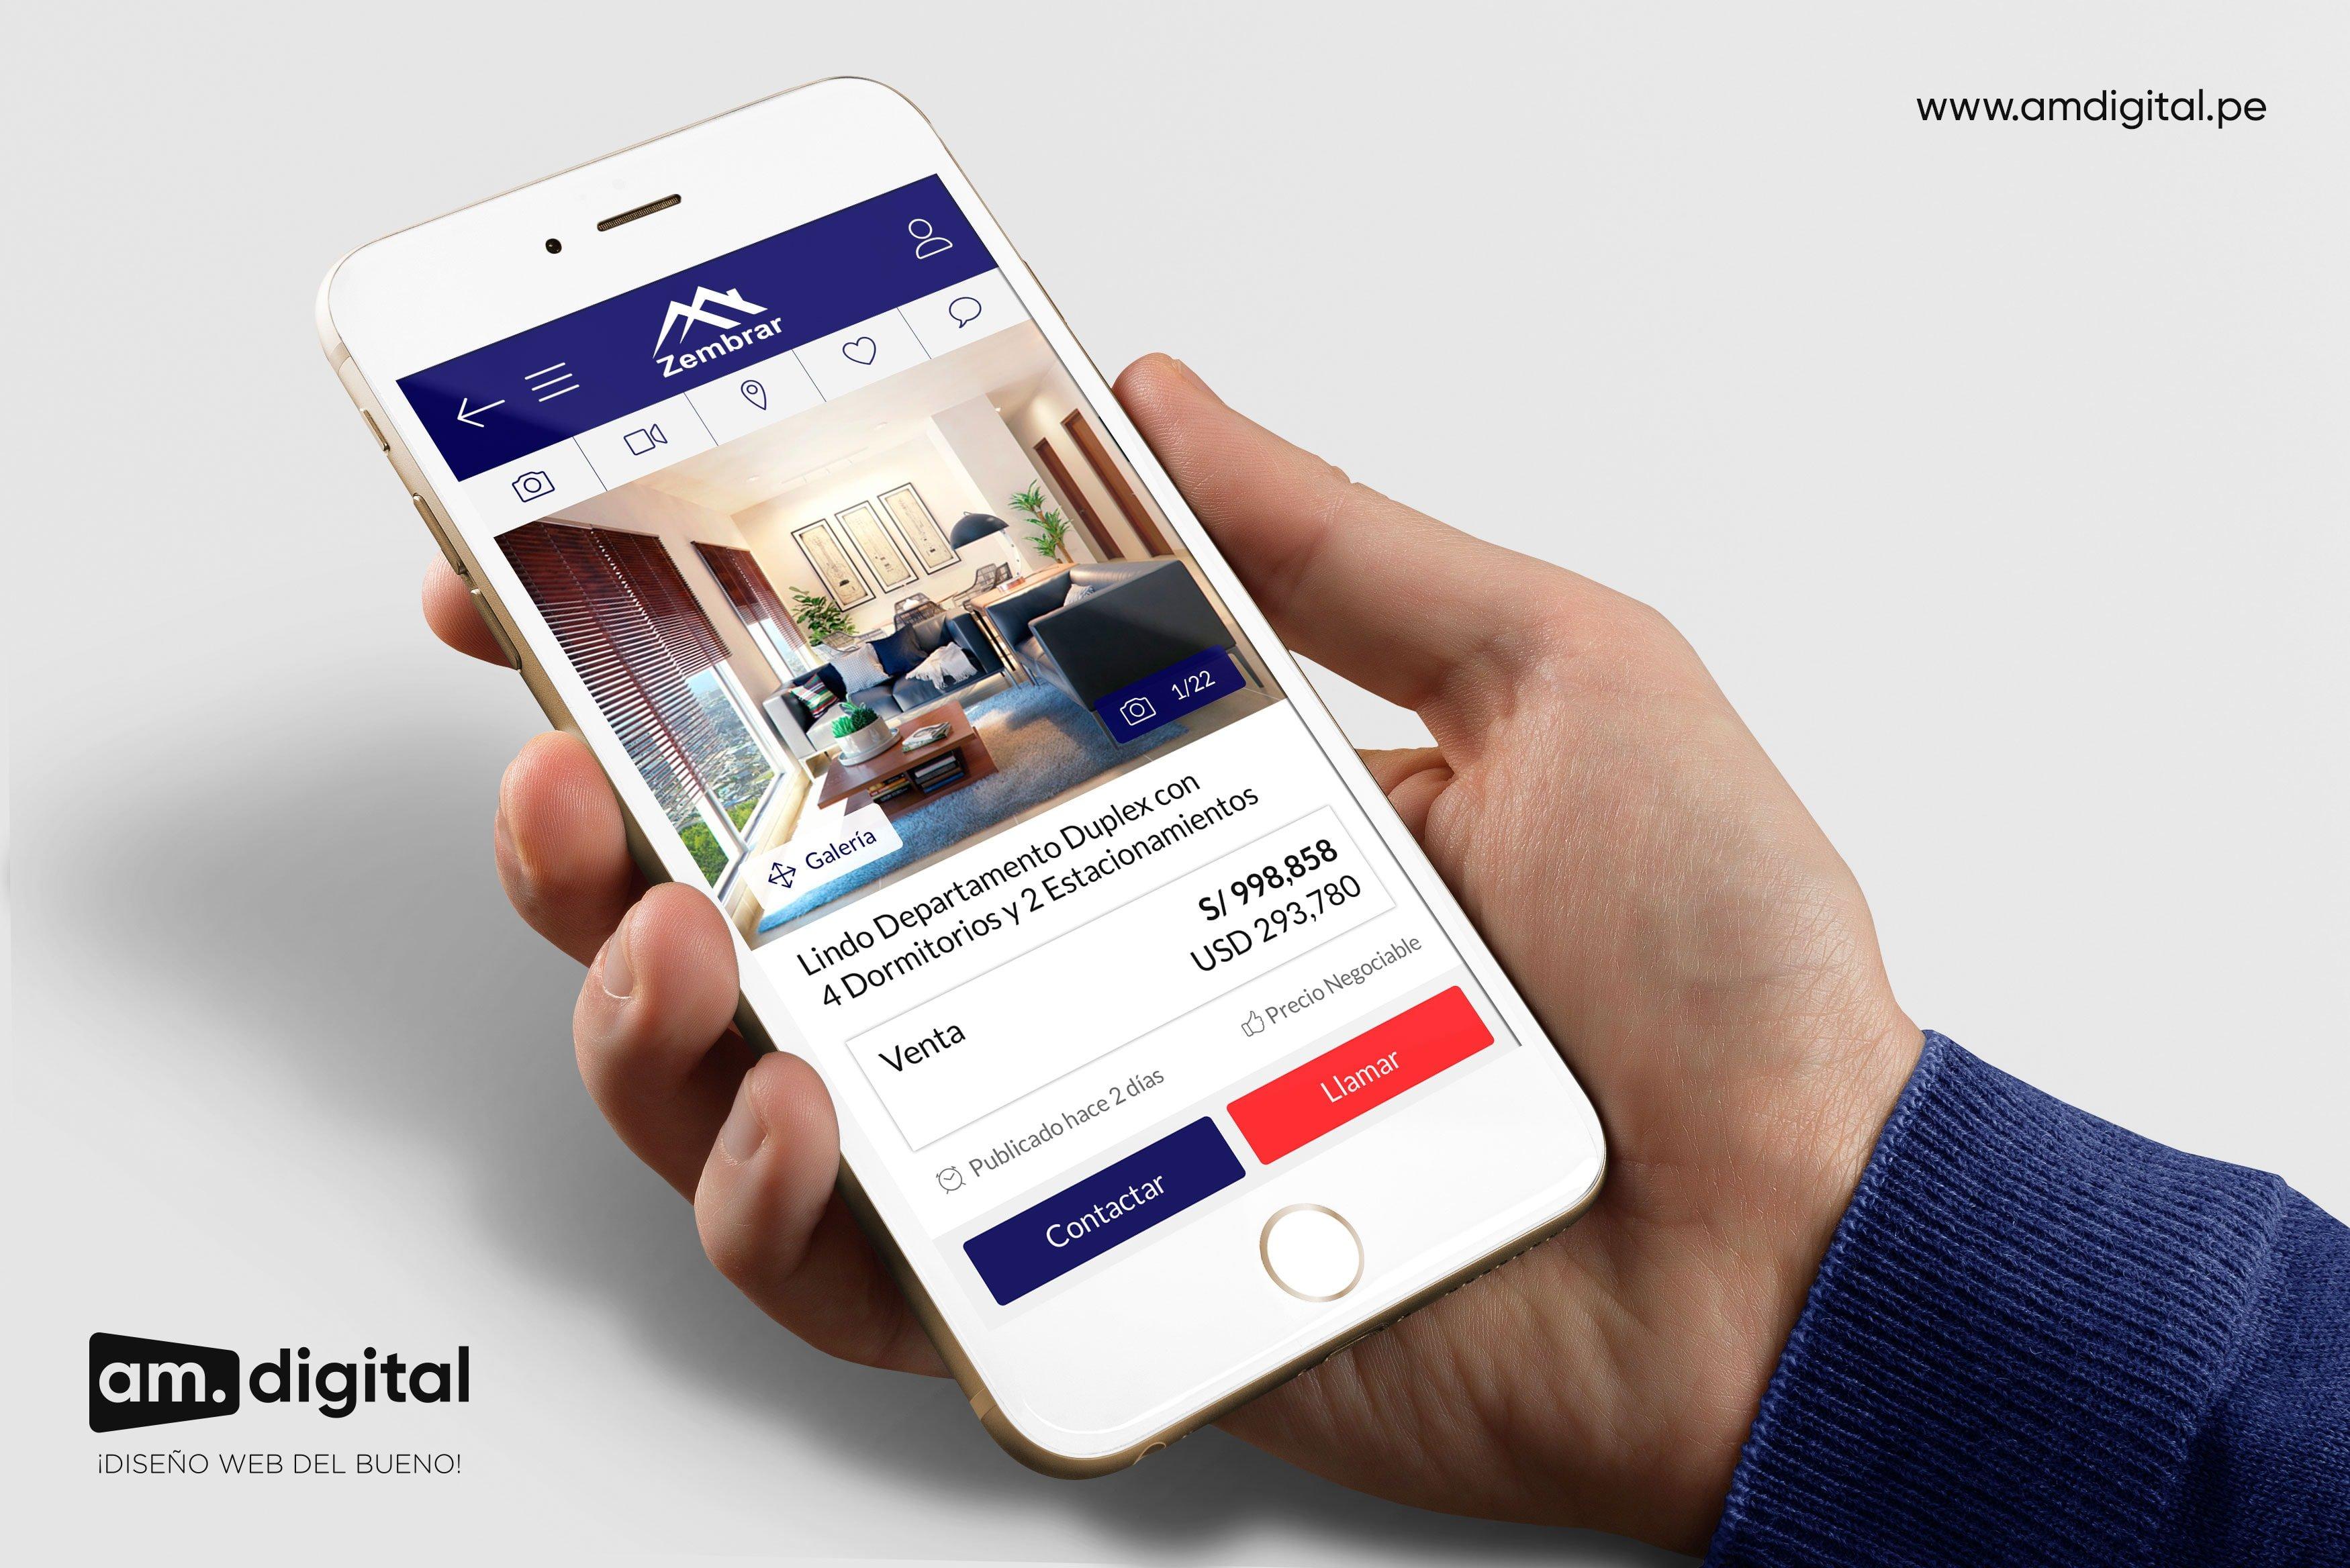 AM DIGITAL, Diseño de Página Web para Inmobiliaria Responsive